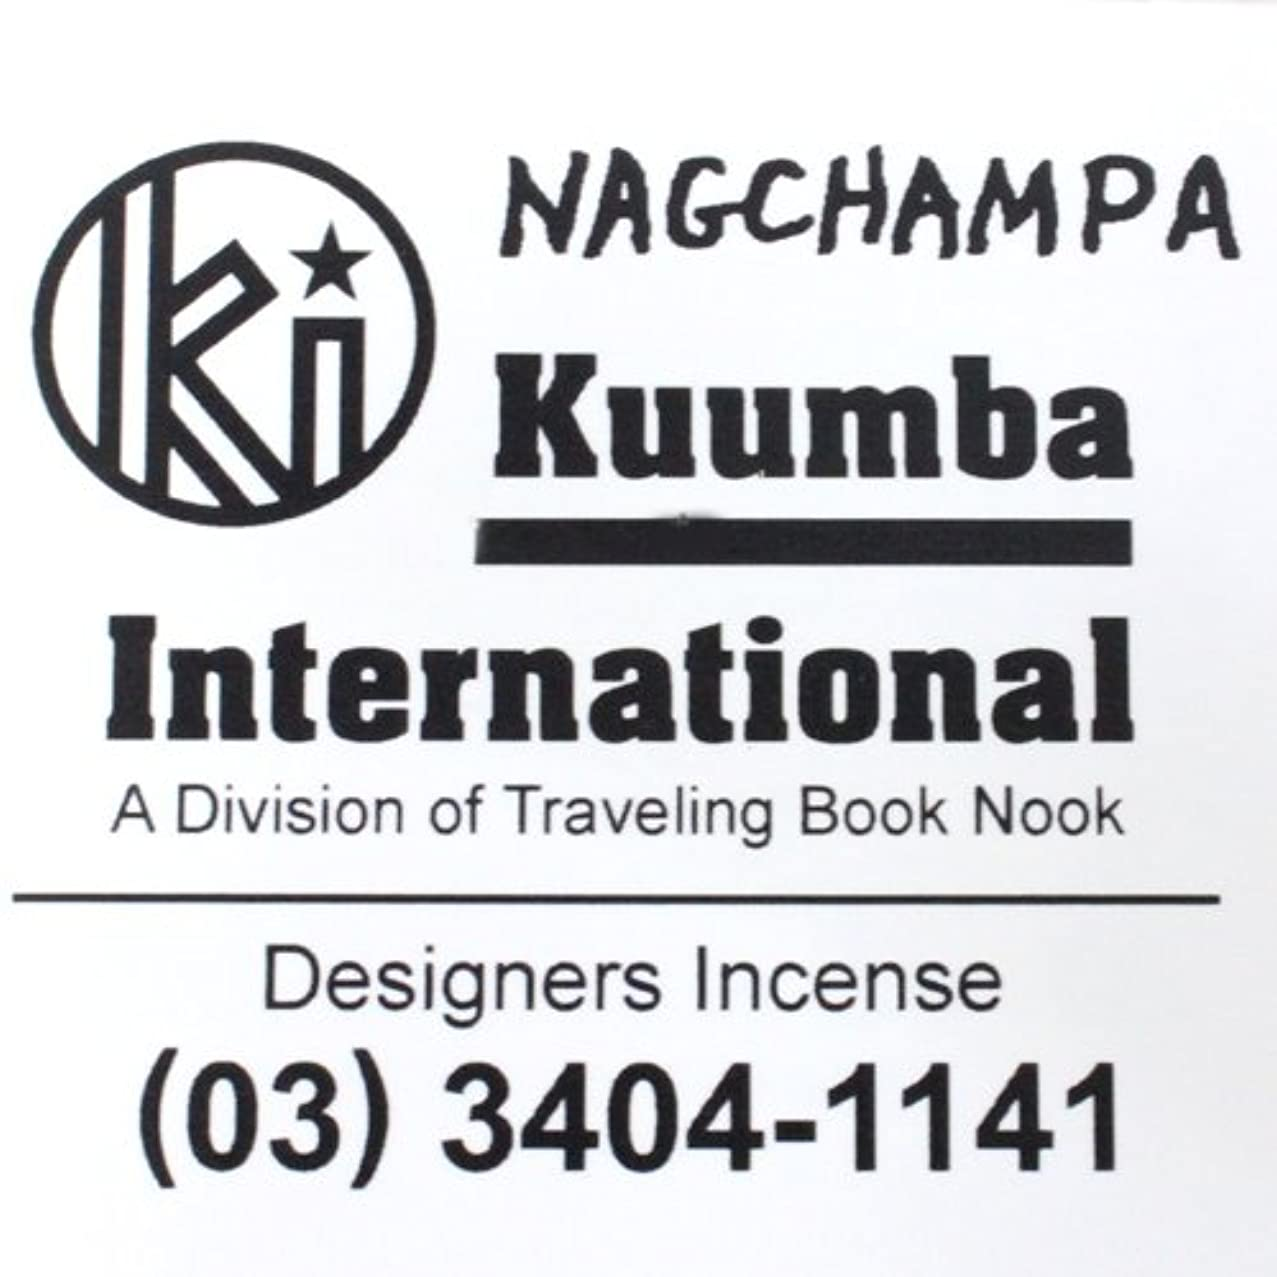 ストレンジャー落とし穴意気込みKUUMBA (クンバ)『incense』(NAGCHAMPA) (Regular size)